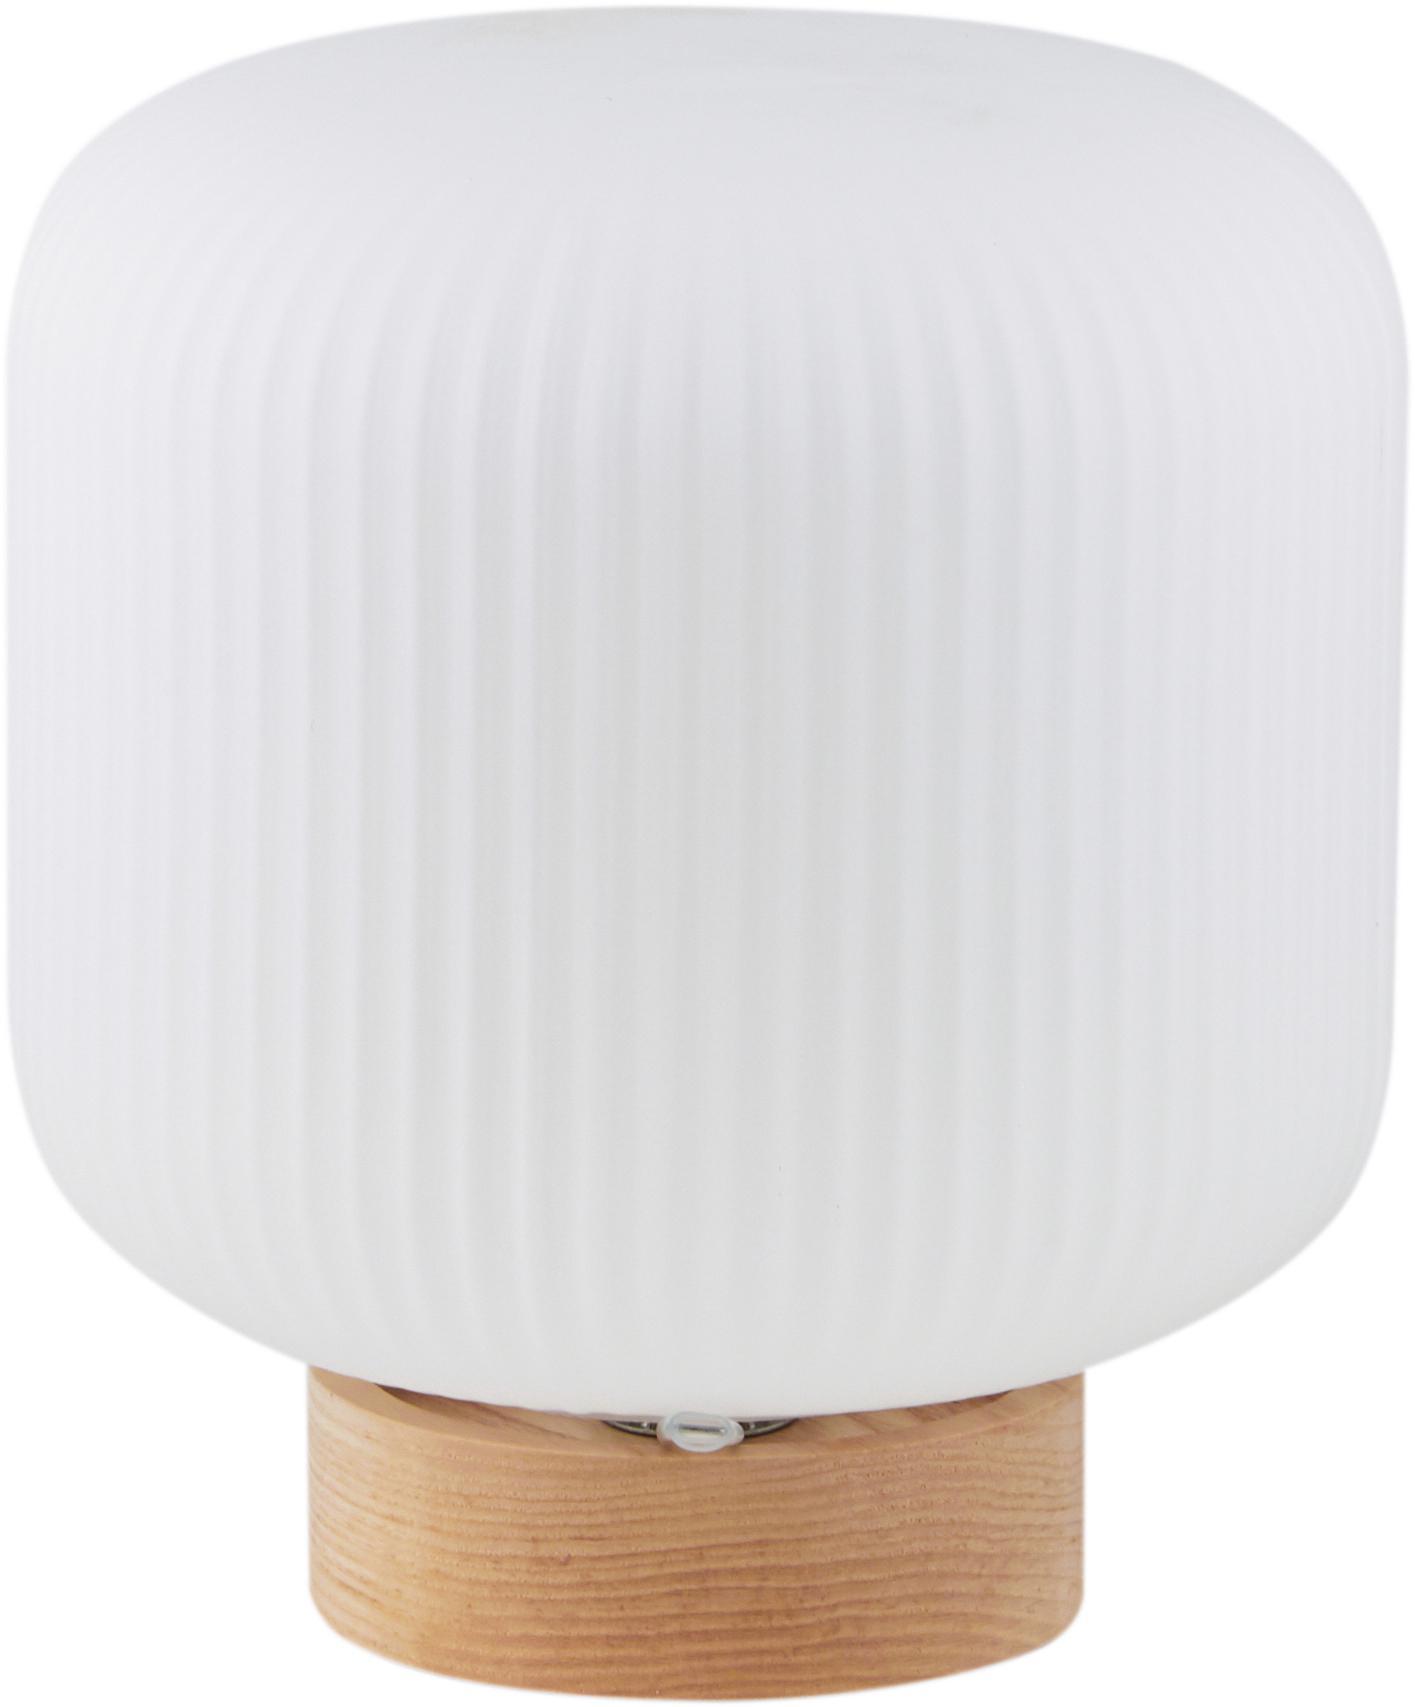 Lámpara de mesa Milford, estilo escandinavo, Pantalla: vidrio opalino, Cable: cubierto en tela, Blanco opalino, madera, Ø 20 x Al 21 cm